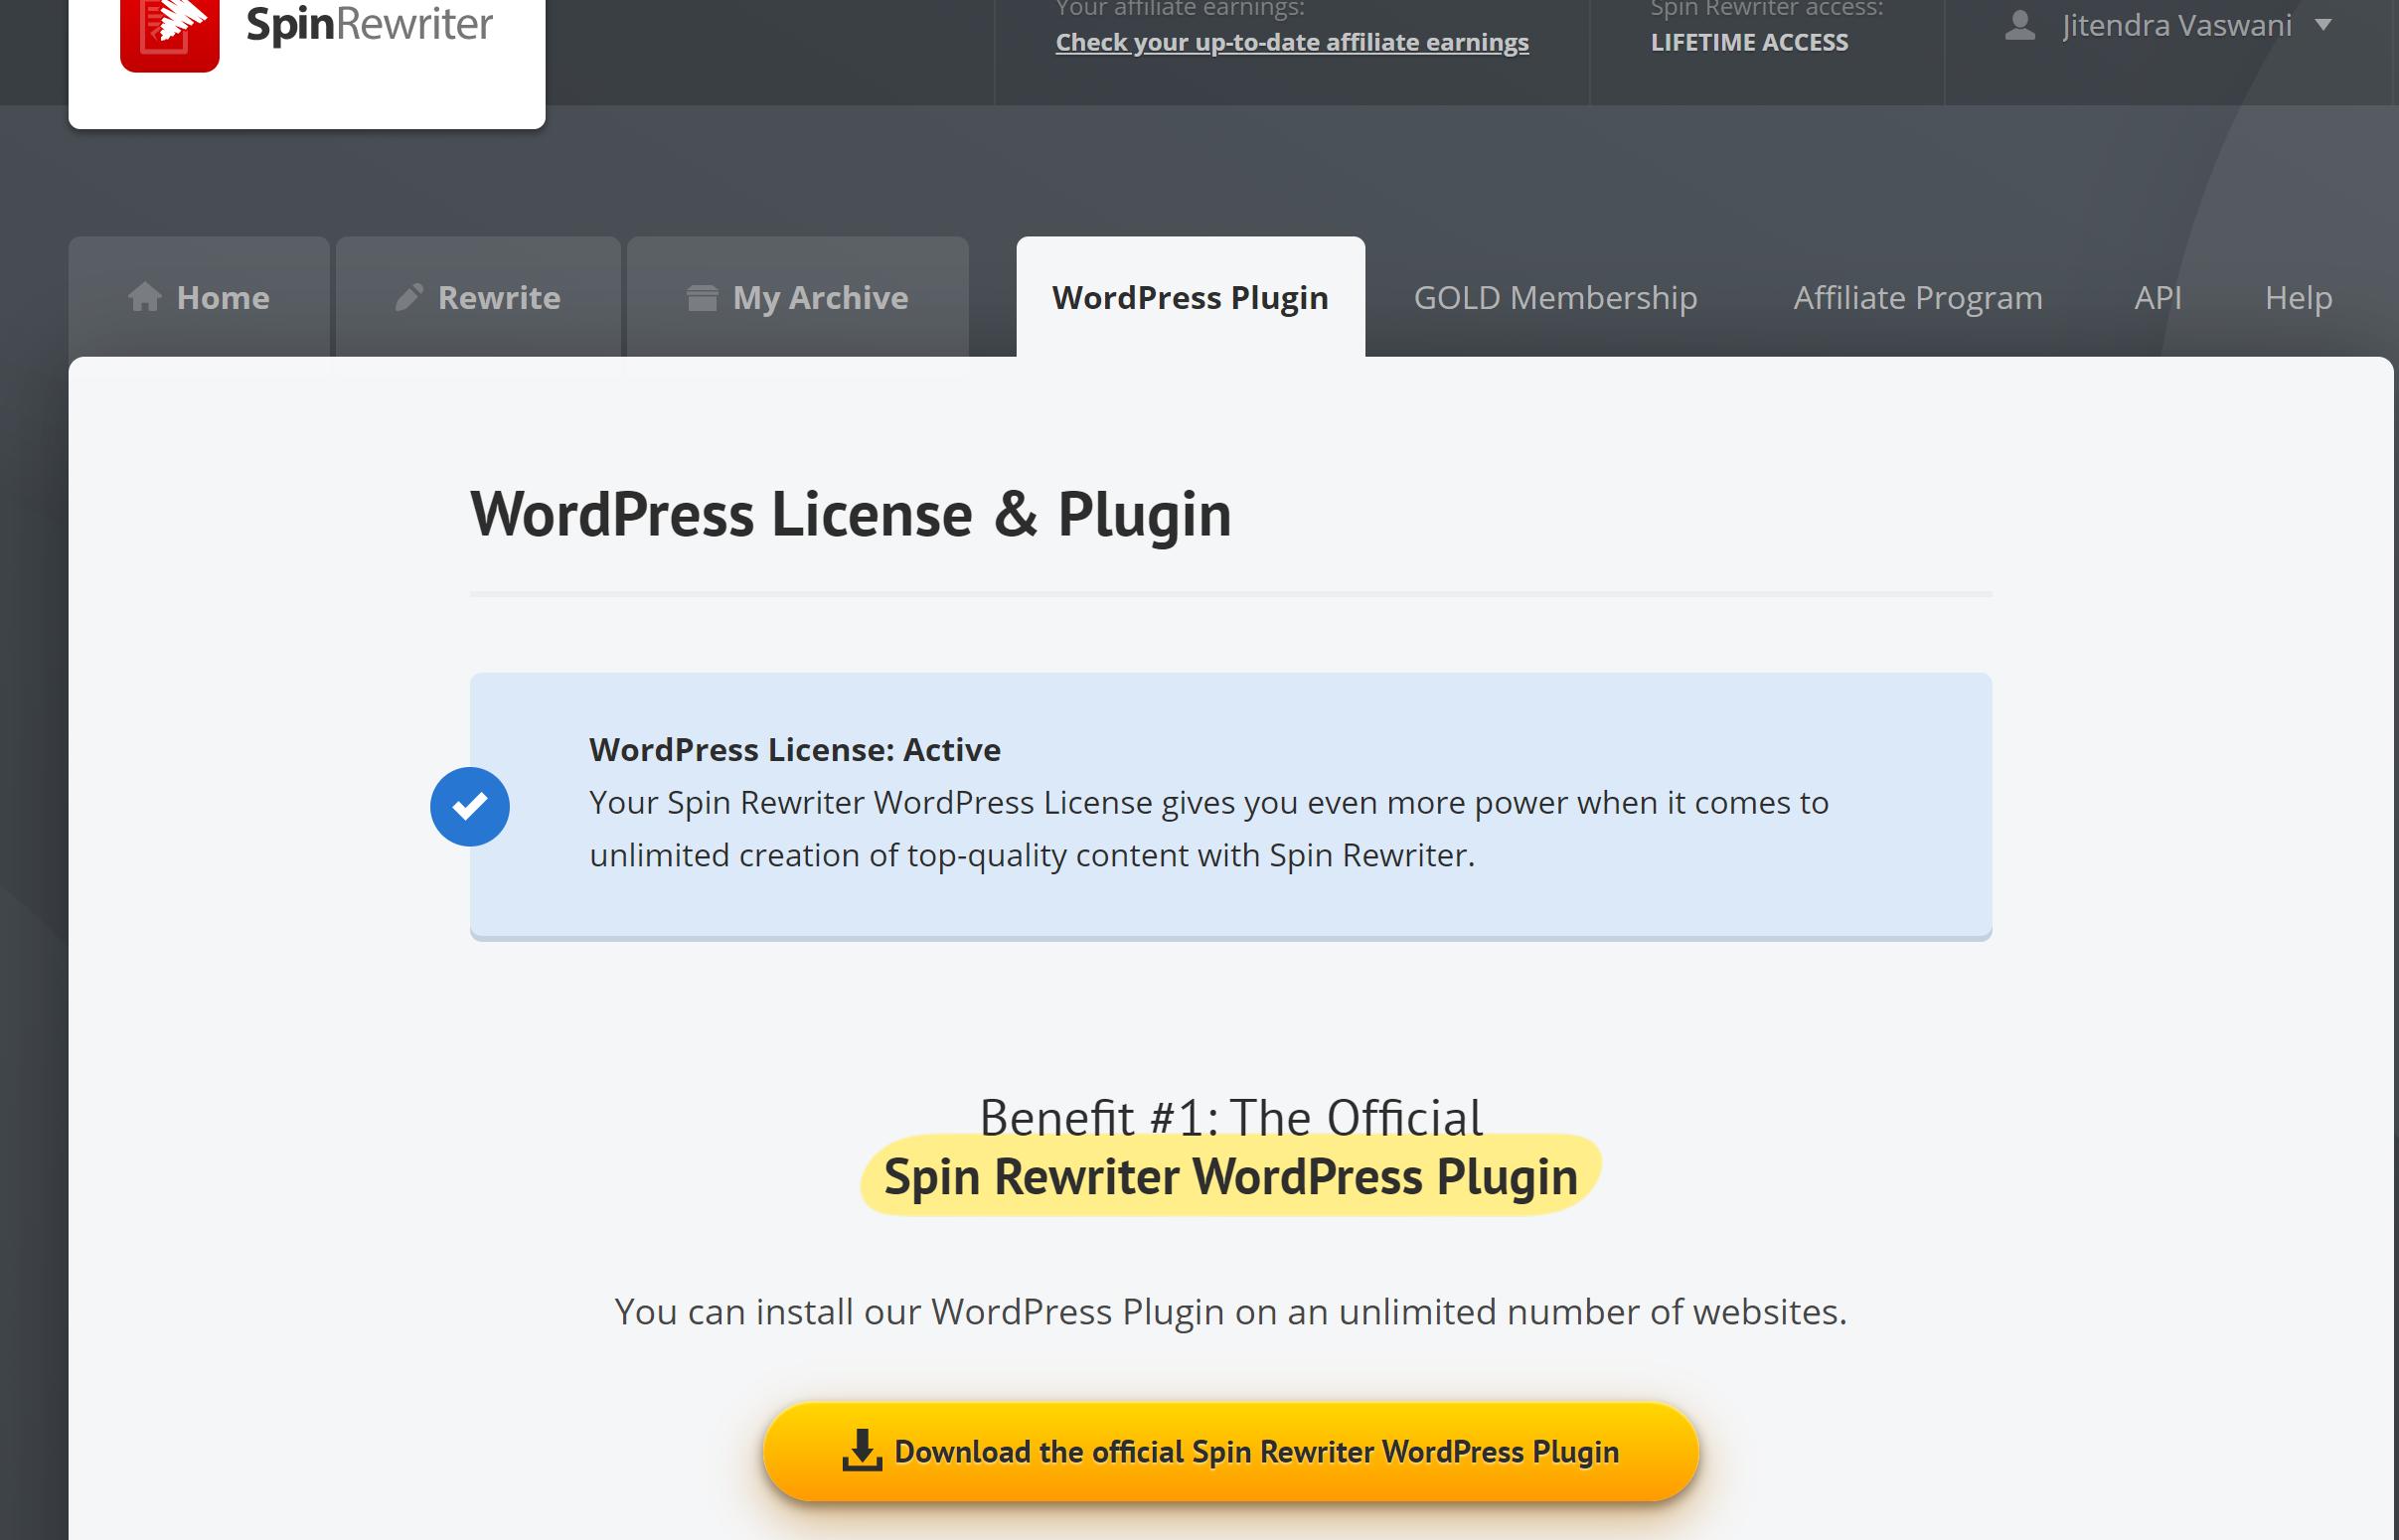 Spin rewriter wordpress plugins